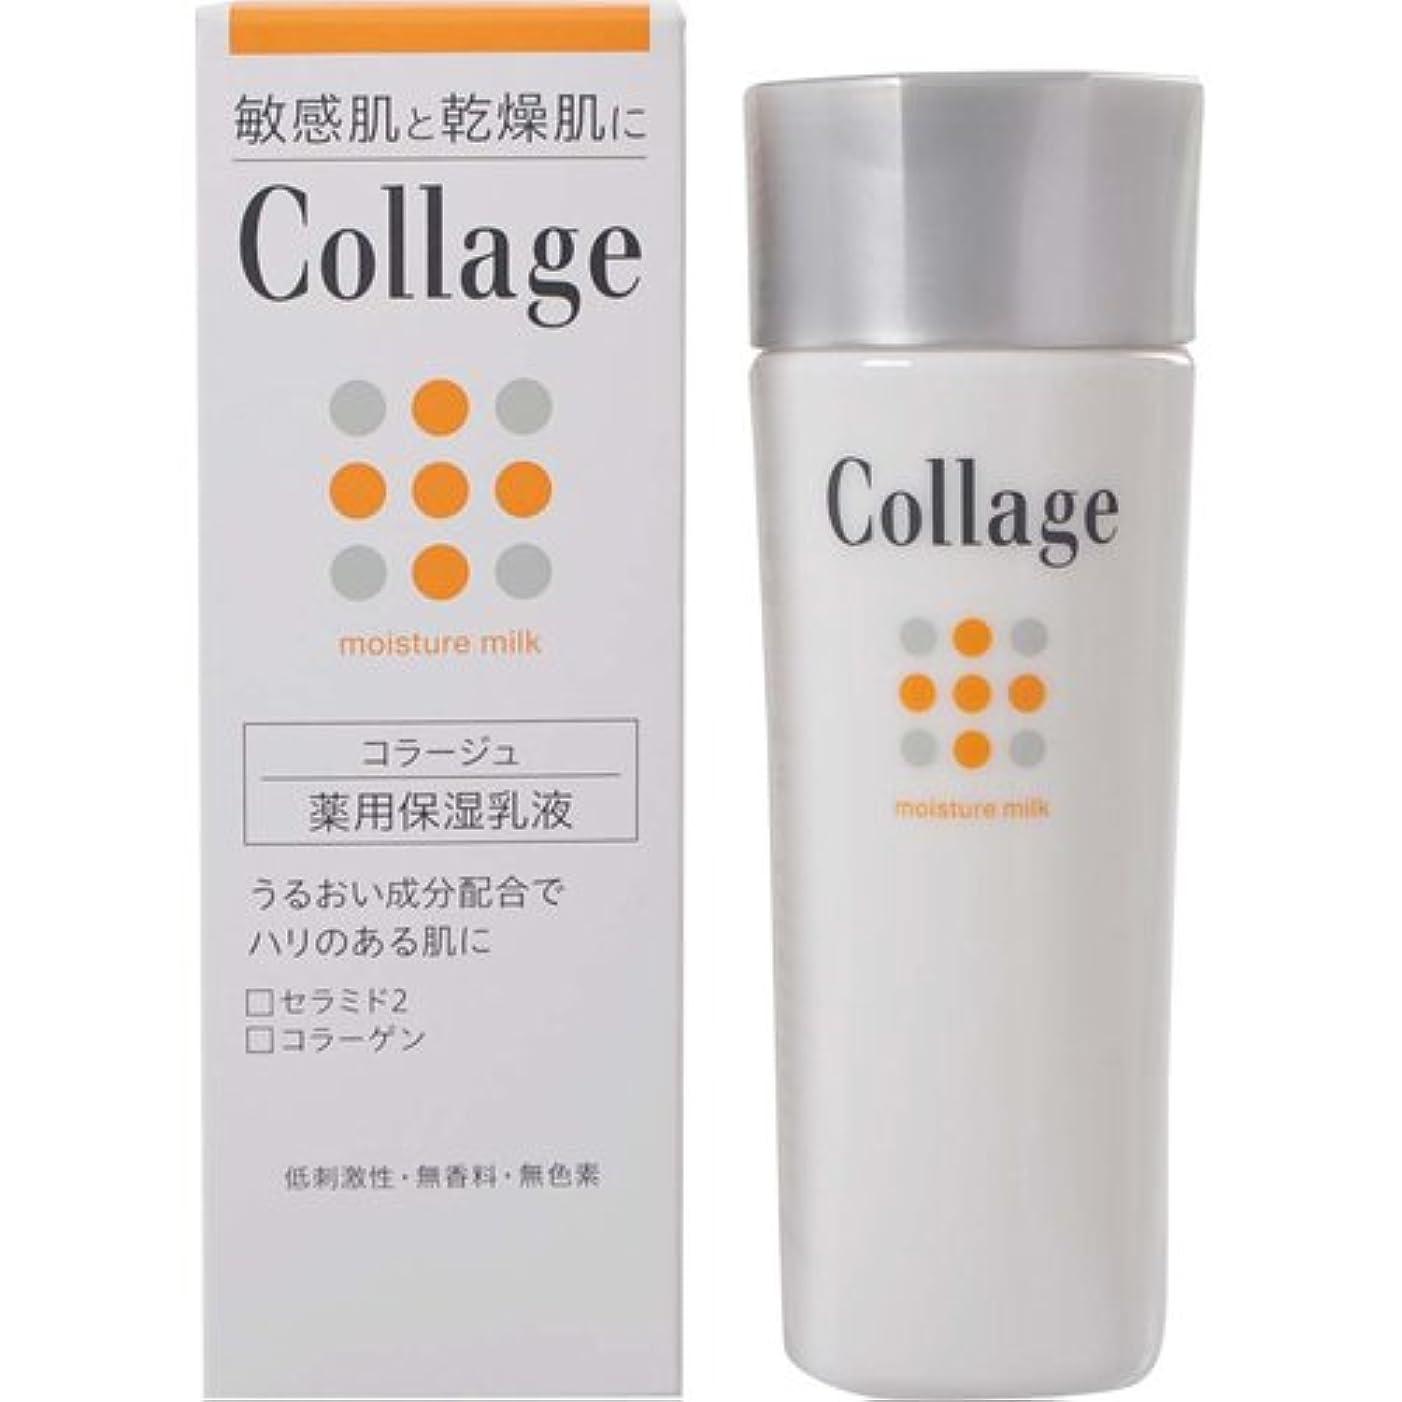 試用ぜいたく士気コラージュ 薬用保湿乳液 80mL 【医薬部外品】